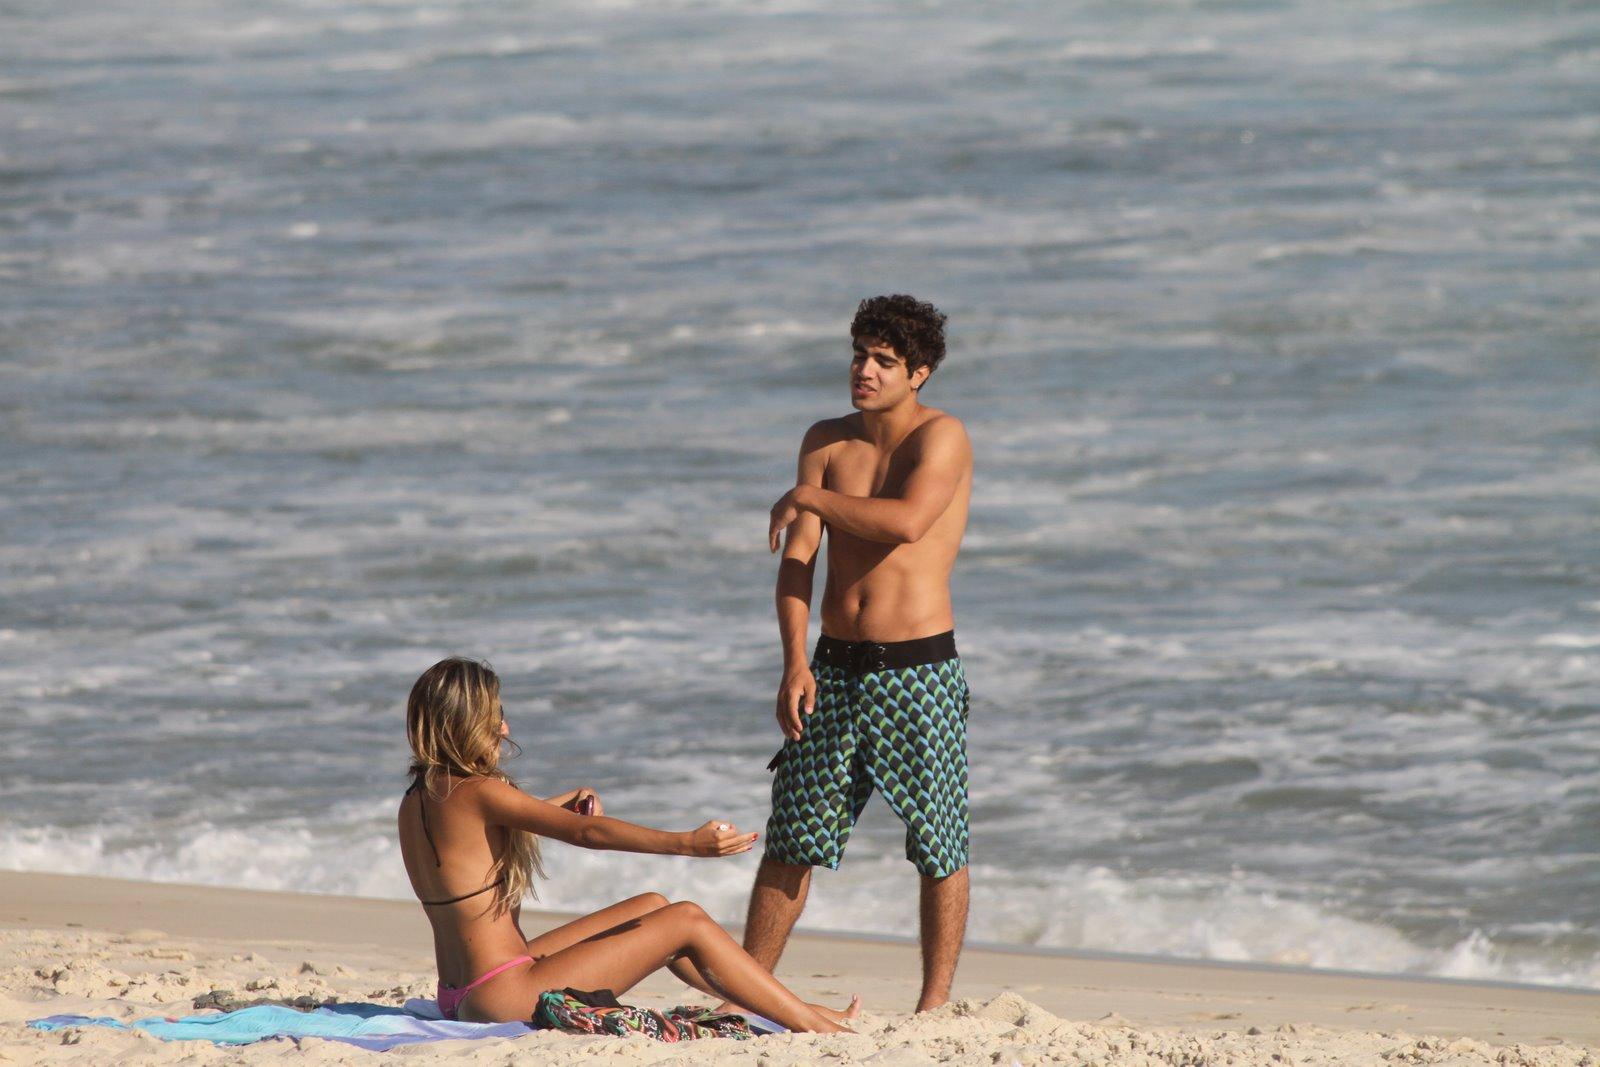 Caio Castro papeia com a sua companhia pela praia da Barra